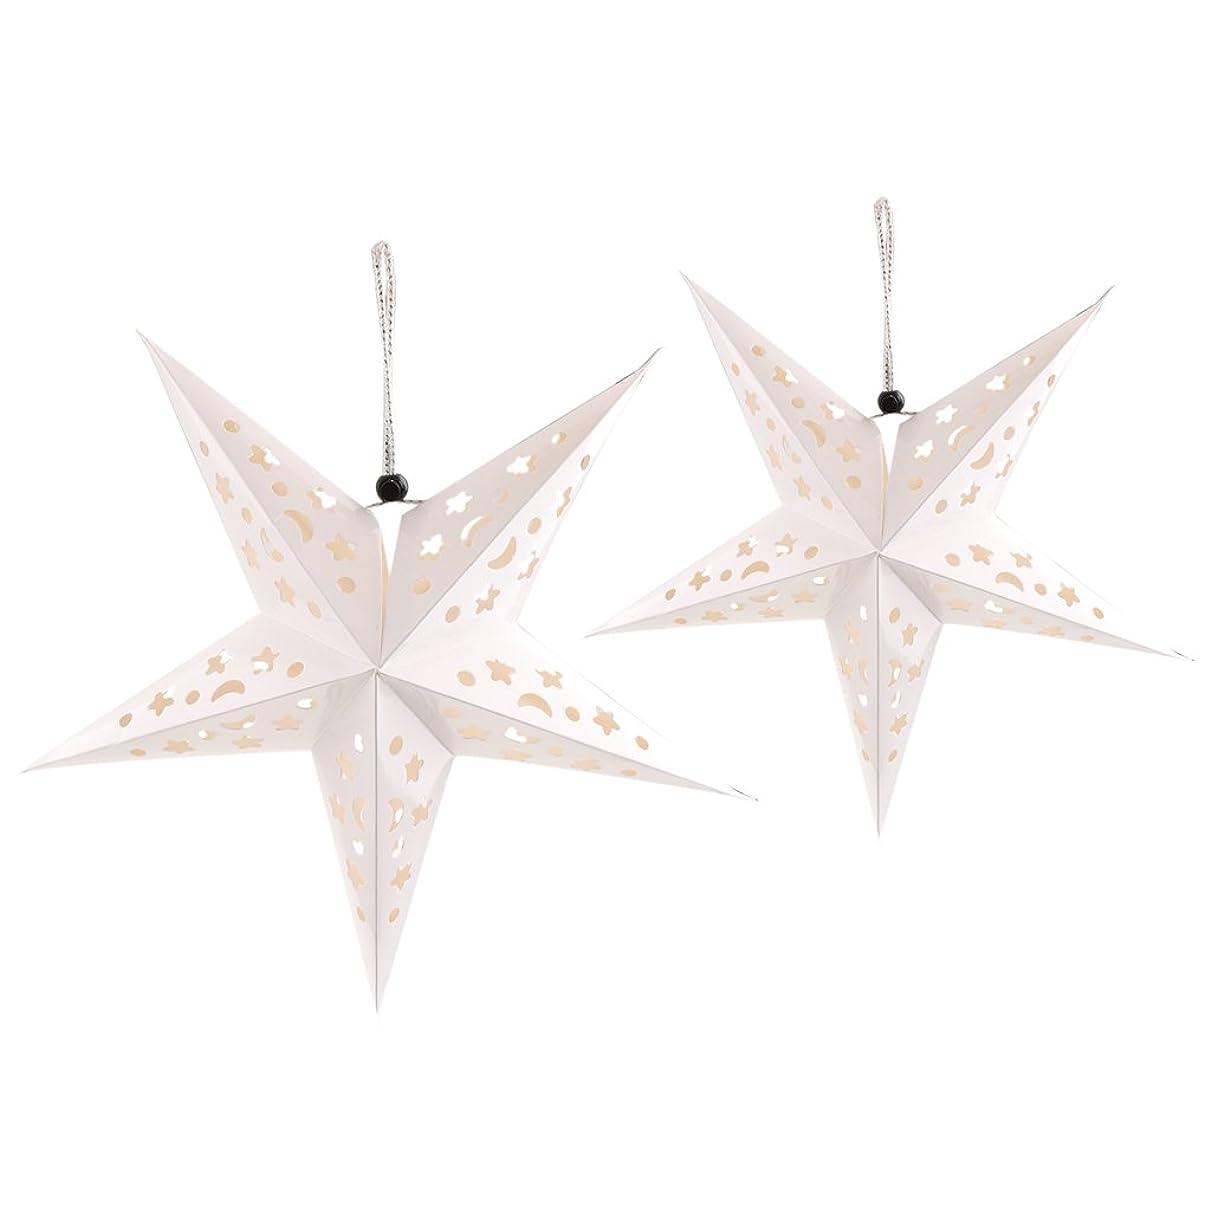 ご注意カタログ保証する2個 ペーパースター 星型 紙製 クリスマスツリー 飾り 装飾